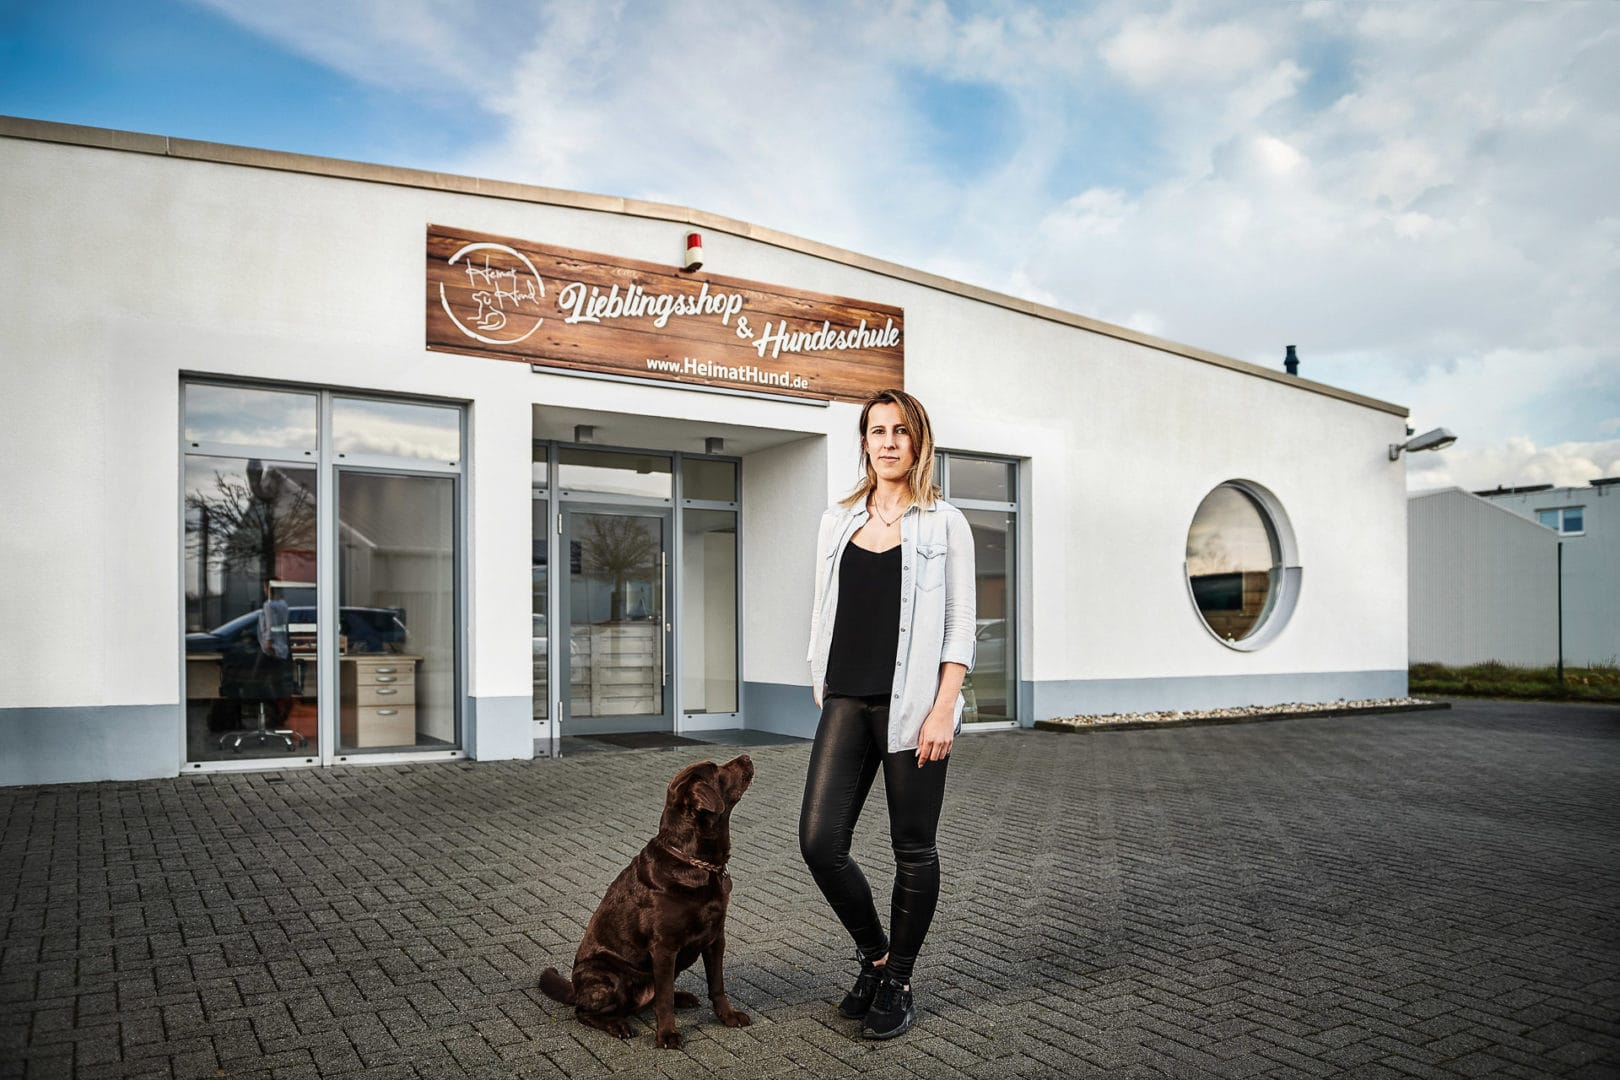 Gründerin Janine Obersdorf posiert vor Ihrem Shop für Werbefotografie für die Google-Kampagne von Heimathund / Grow my store